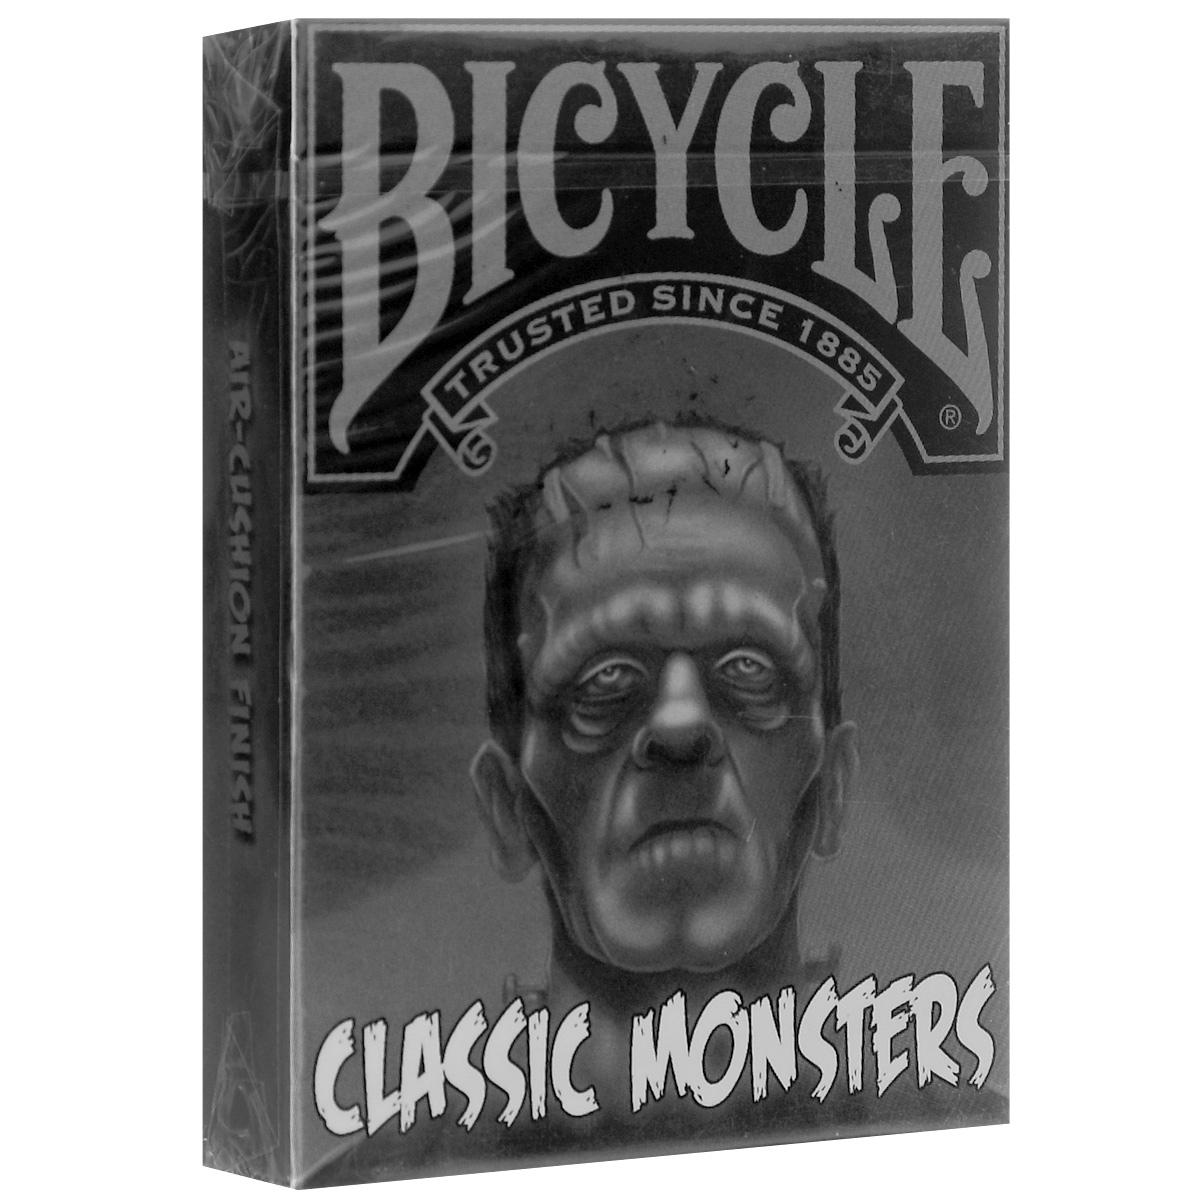 Коллекционная колода Bicycle Классические Монстры, цвет: серый, белыйК-416Эти карты выпущены ограниченным тиражом - в цвете. Каждая картинка - это страшный монстр. Они отпечатаны за заводе USPCС. Такая колода с необычным дизайном обязательно должна быть в коллекции самого изысканного коллекционера. Известные персонажи: Франкенштейн, его супруга, человек-невидимка, мумия, Кинг-Конг, Годзилла, Граф Дракула и многие другие.